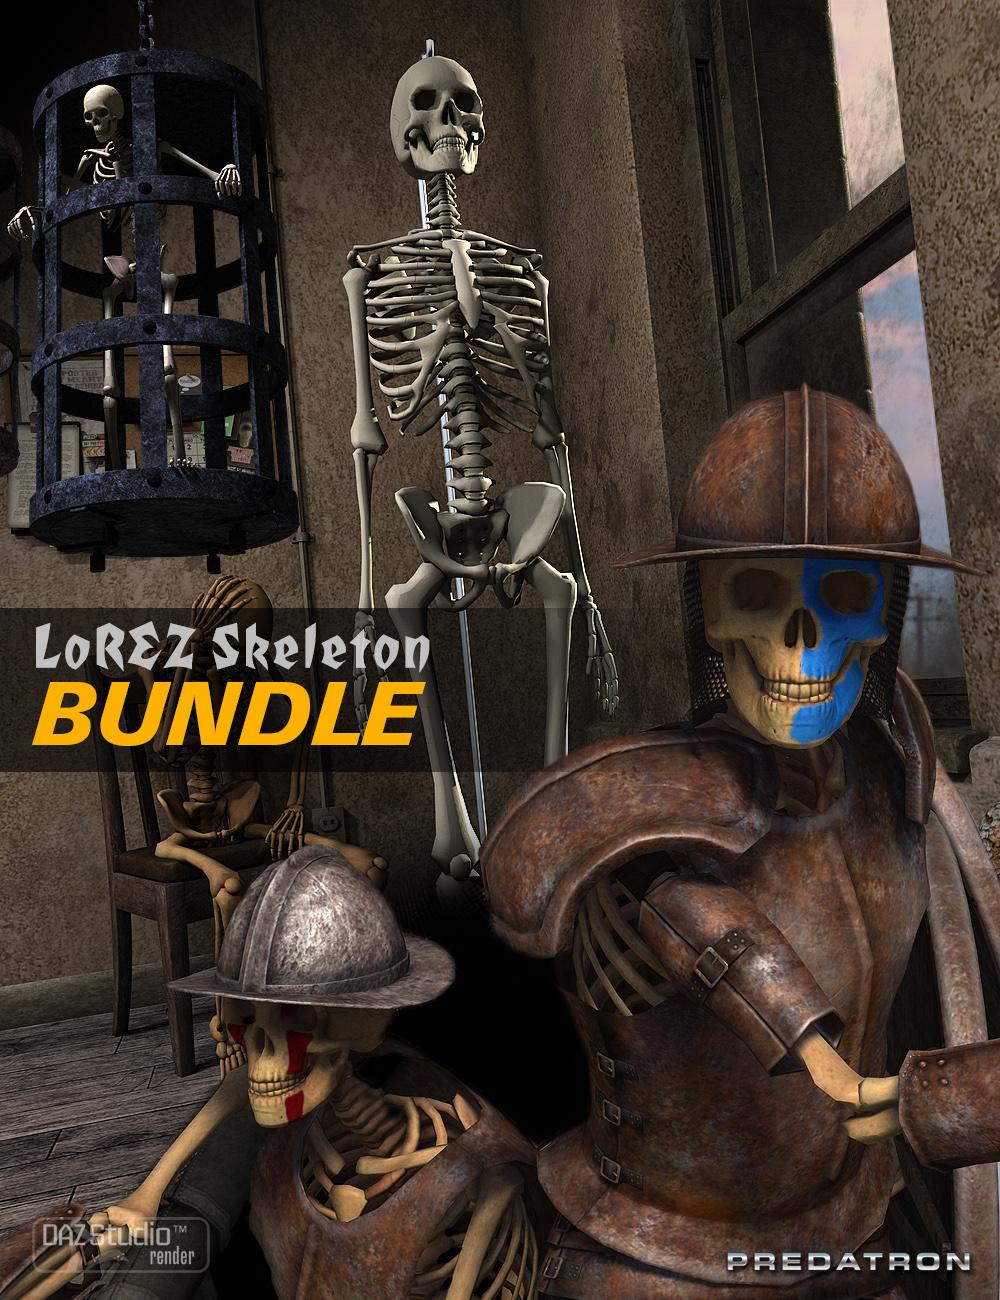 LoREZ Skeleton Bundle by: Predatron, 3D Models by Daz 3D